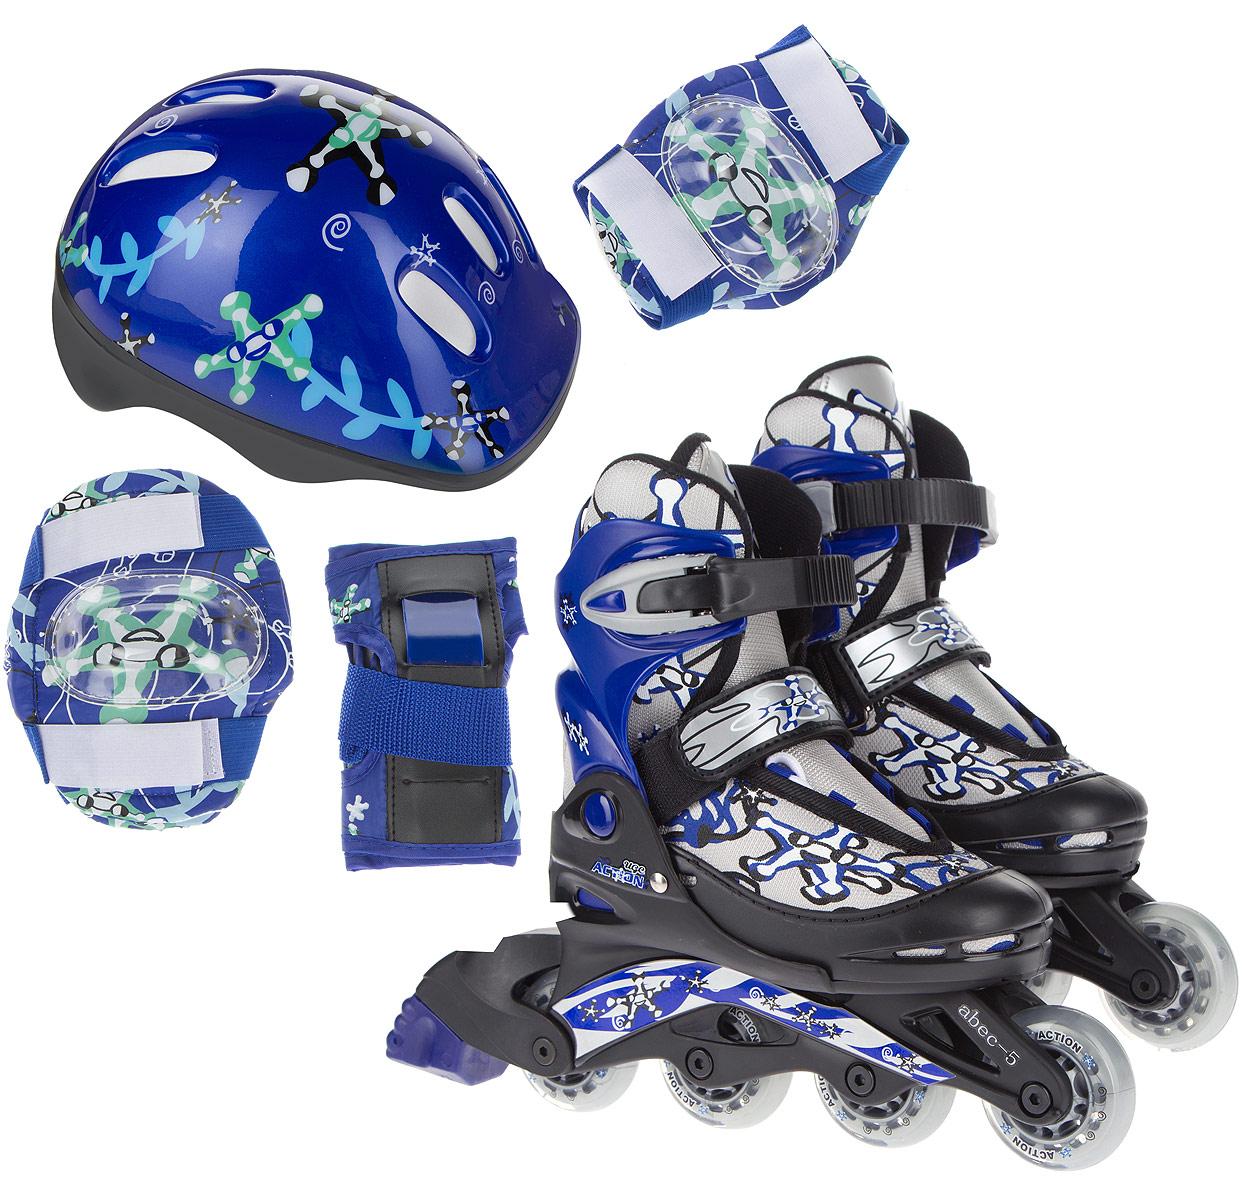 Набор Action: коньки роликовые, защита, шлем, цвет: синий, белый, черный. Размер 34/37. PW-780AIRWHEEL Q3-340WH-BLACKНабор для катания на роликах Action состоит из роликовых коньков, защиты (колени, локти, запястья) и шлема. Ботинок конька изготовлен из текстильного материла со вставкам из искусственной кожи, обеспечивающих максимальную вентиляцию ноги. Облегченная конструкция ботинка из пластика обеспечивает улучшенную боковую поддержку и полный контроль над движением. Изделие по верху декорировано оригинальным принтом. Подкладка из мягкого текстиля комфортна при езде. Стелька изготовлена из ЭВА материала с текстильной верхней поверхностью. Классическая шнуровка с ремнем на липучке обеспечивает плотное закрепление пятки. На голенище модель фиксируется клипсой с фиксатором. Прочная рама из полипропилена отлично передает усилие ноги и позволяет быстро разгоняться. Полиуретановые колеса обеспечат плавное и бесшумное движение. Износостойкие подшипники класса ABEC-5 наименее восприимчивы к попаданию влаги и песка. Задник оснащен широкой текстильной петлей, благодаря которой изделие удобно обувать.Верх шлема, оформленный ярким принтом, выполнен из поливинилхлорида, внутренняя часть - из пенополистирола. Отверстия предназначены для лучшей вентиляции. В комплект входят элементы защиты локтей, коленей и запястий. Основание выполнено из нейлона. Защитные накладки у подлокотников и наколенников исполнены из поливинилхлорида, а защитные накладки для запястий - из искусственной кожи и поливинилхлорида.Набор изначально выполнен в одной стилистике и прекрасно смотрится как целиком, так и по отдельности. Кроме того, вам не придется искать сумку для переноски и хранения - набор уже поставляется в специальном рюкзачке из цветной ткани с демонстрационным окошком, который выполнен из нейлоновой сетки.В комплект входят два угловых шестигранных ключа.